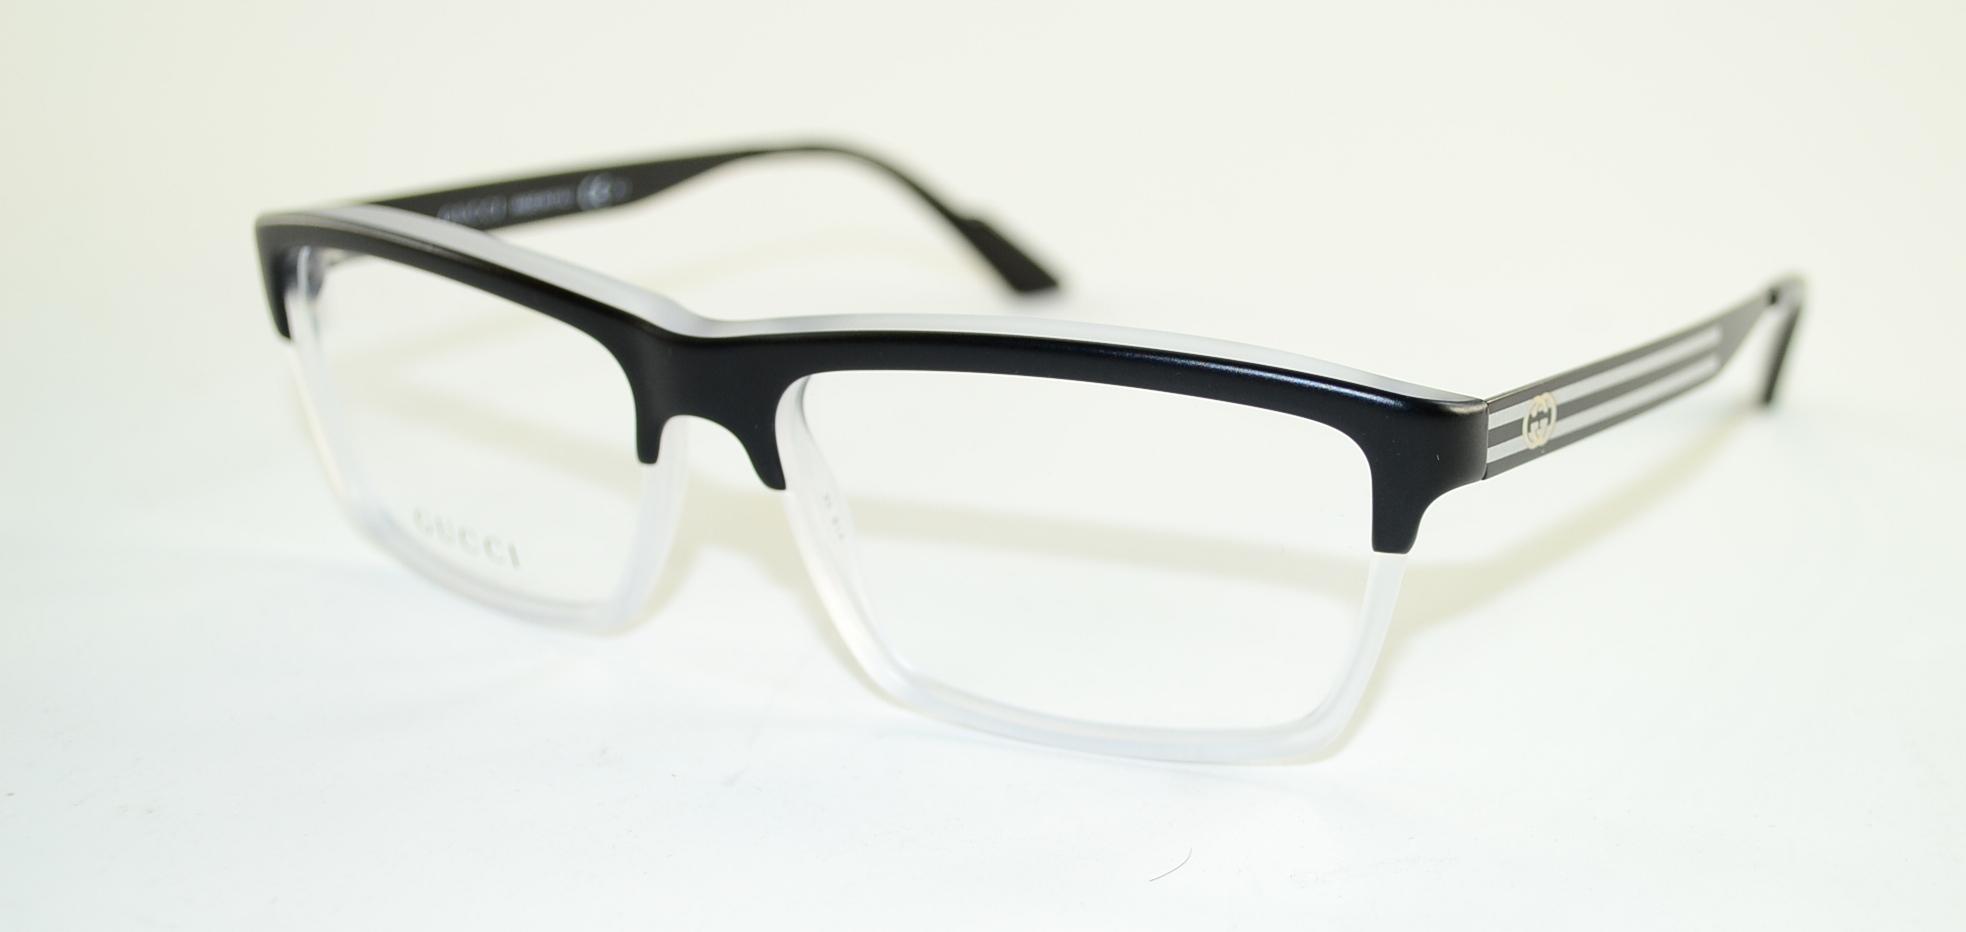 Gucci Womens Eyewear Frames GG 3517 53 mm Black Crystal ...